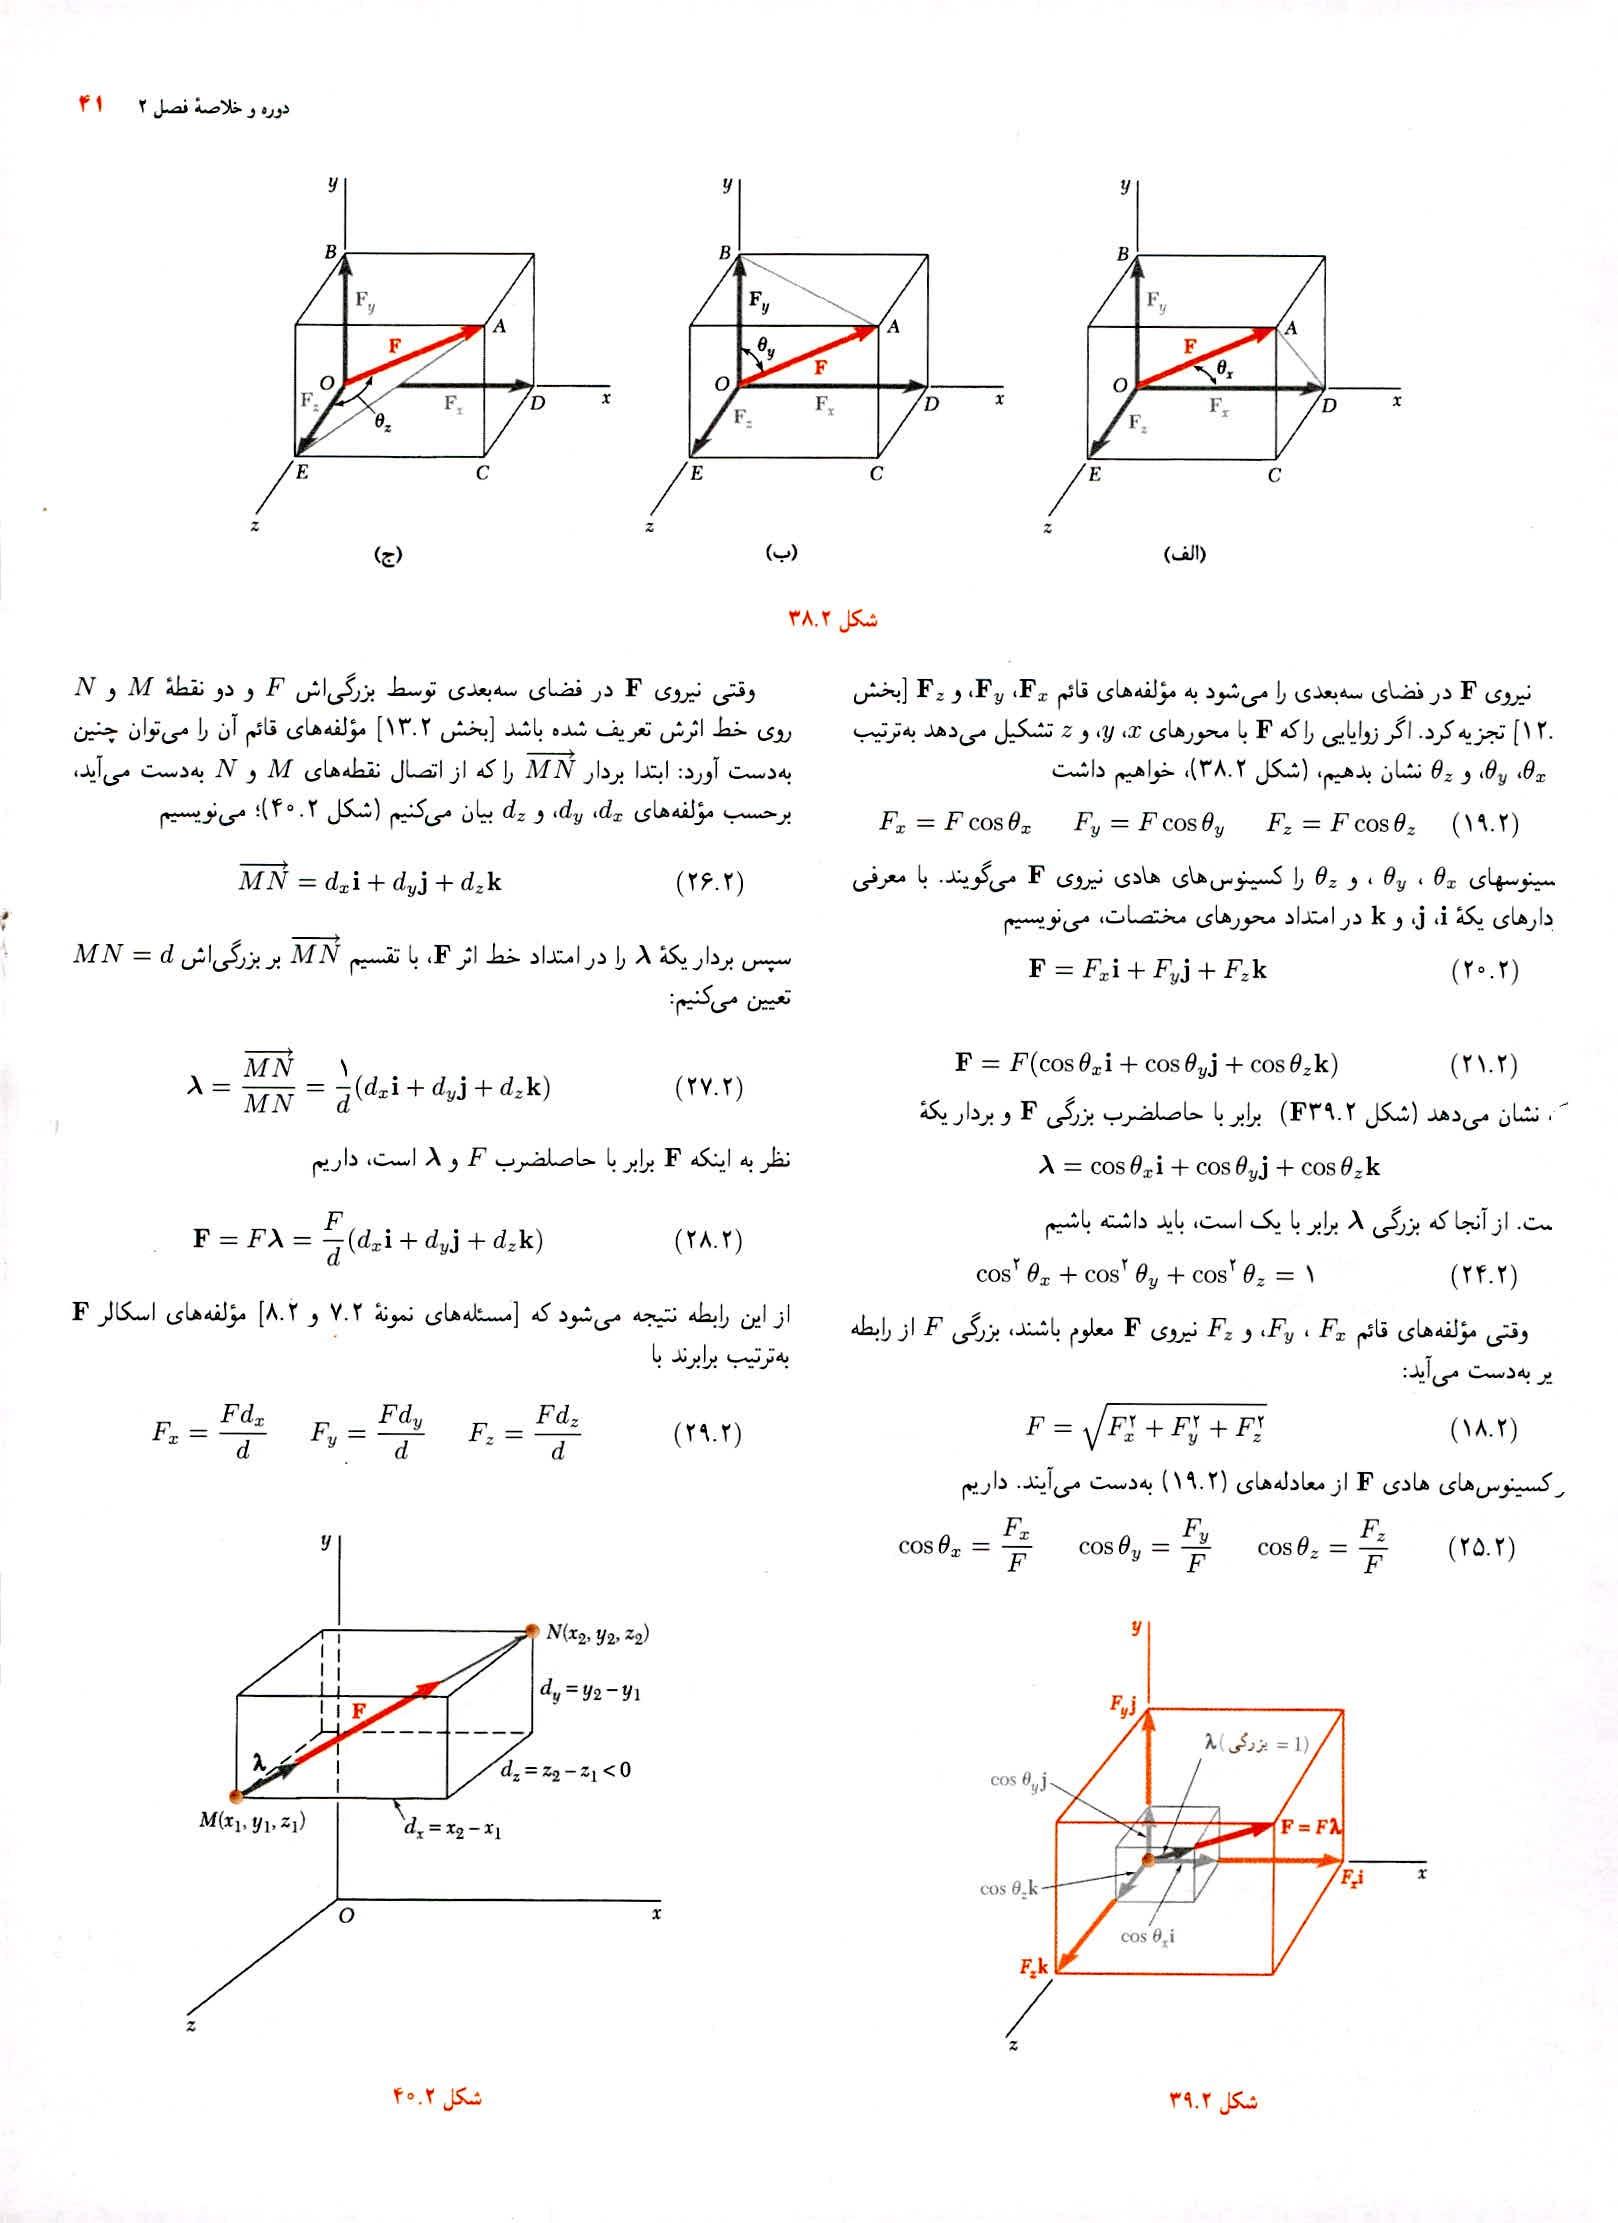 کتاب استاتیک بیرجانسون فارسی ویرایش 8